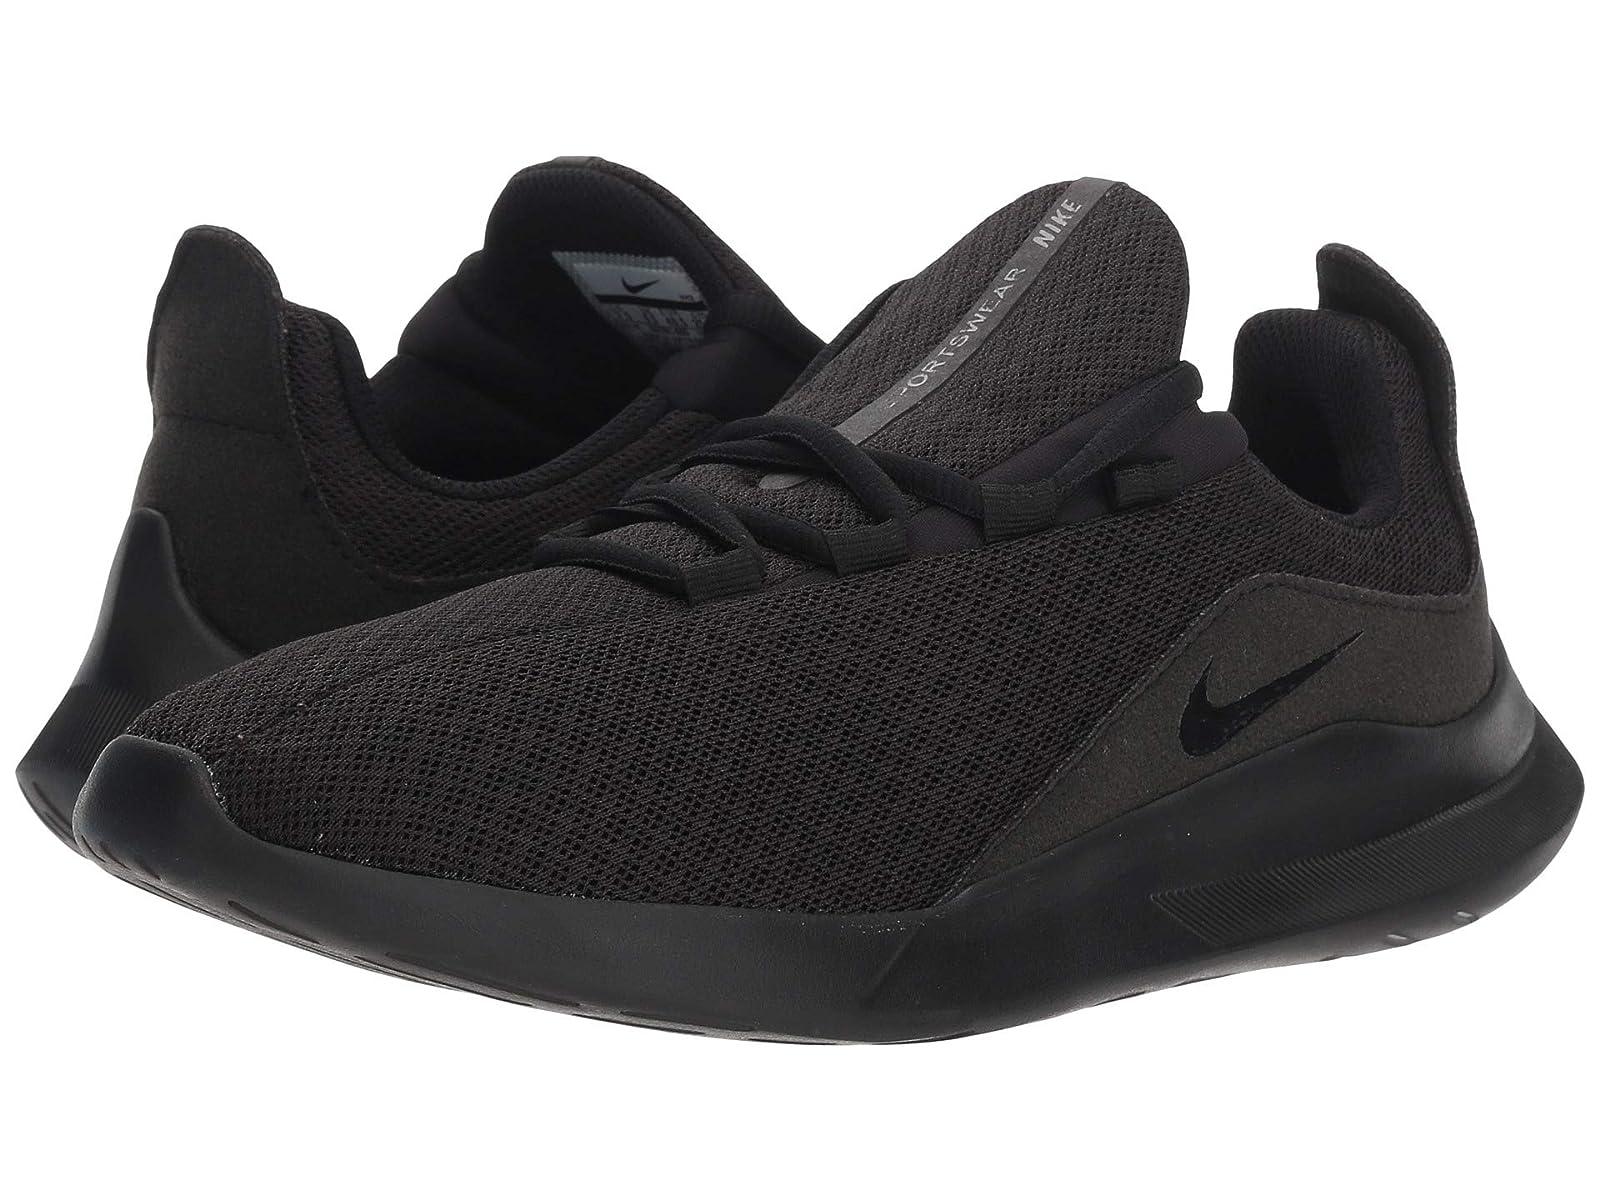 Nike VialeAtmospheric grades have affordable shoes